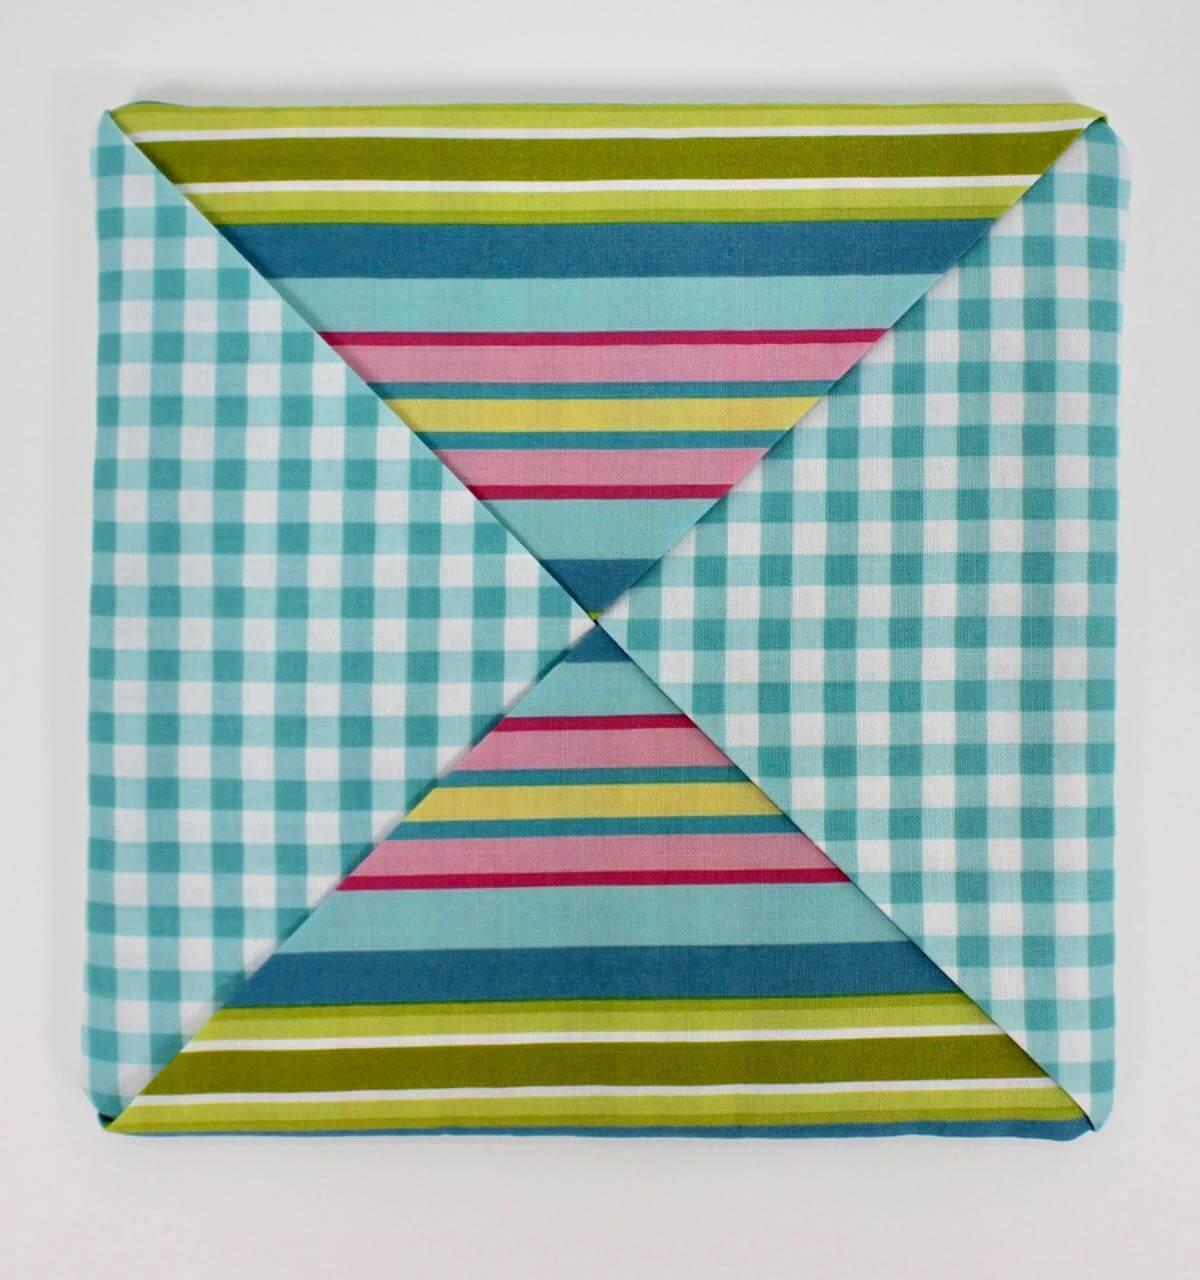 I Sew For Fun Potholder by Nancy Zieman